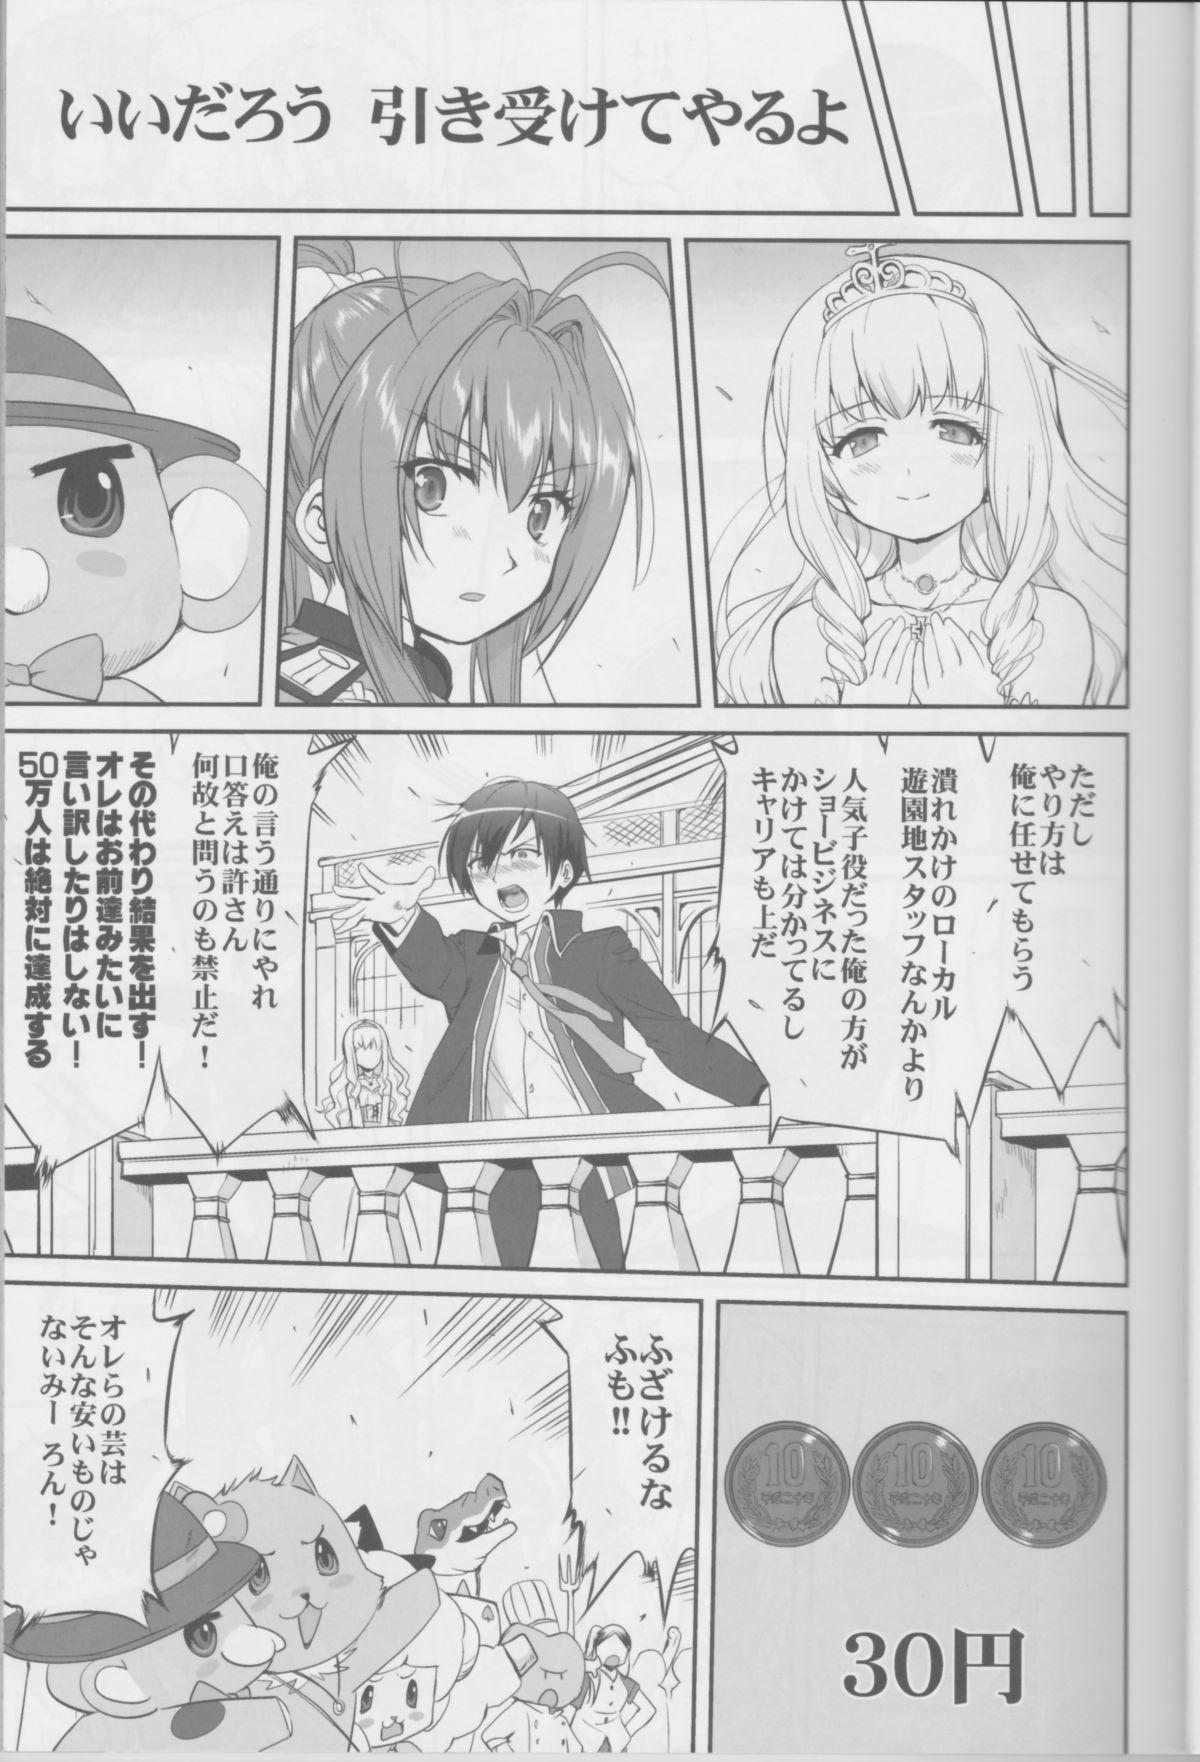 Amagi Strip Gekijou 9